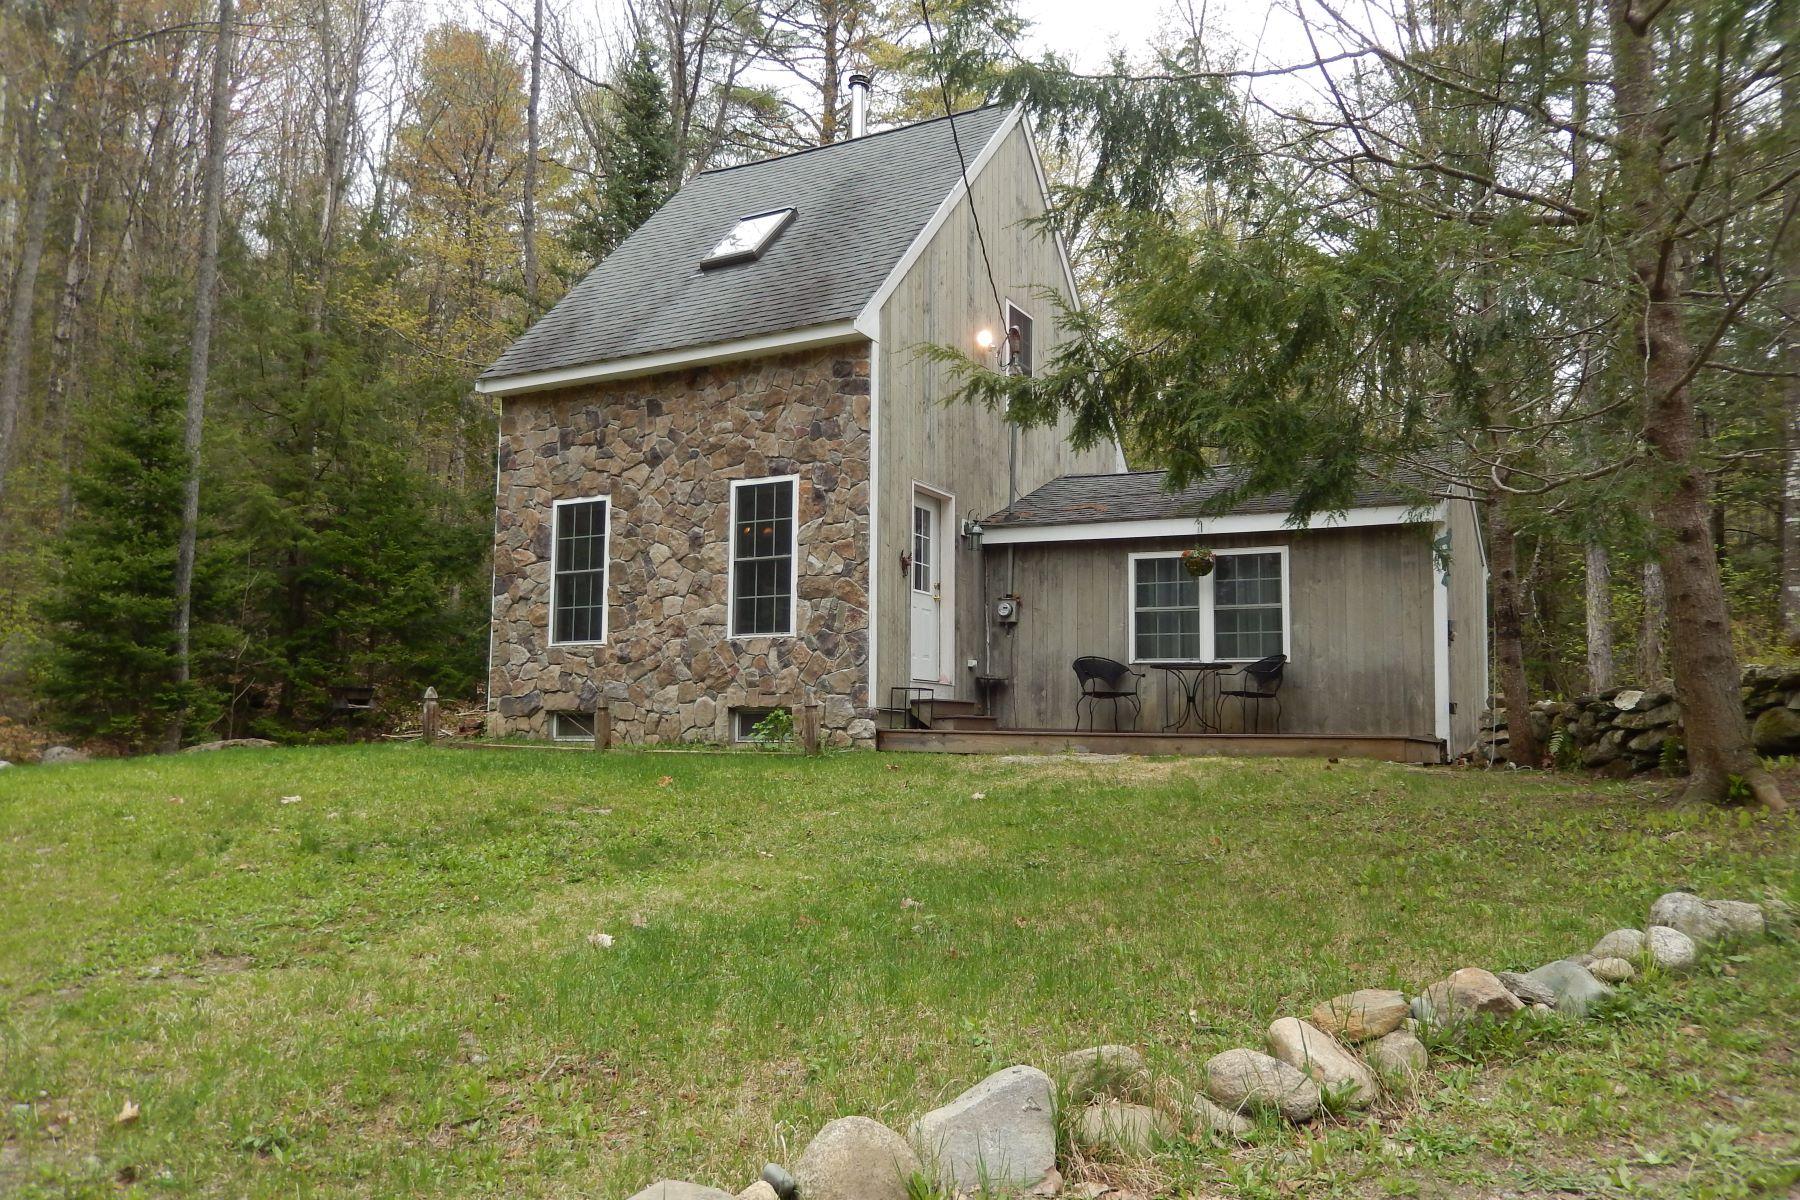 一戸建て のために 売買 アット 119 Quintown Rd, Orford Orford, ニューハンプシャー, 03777 アメリカ合衆国